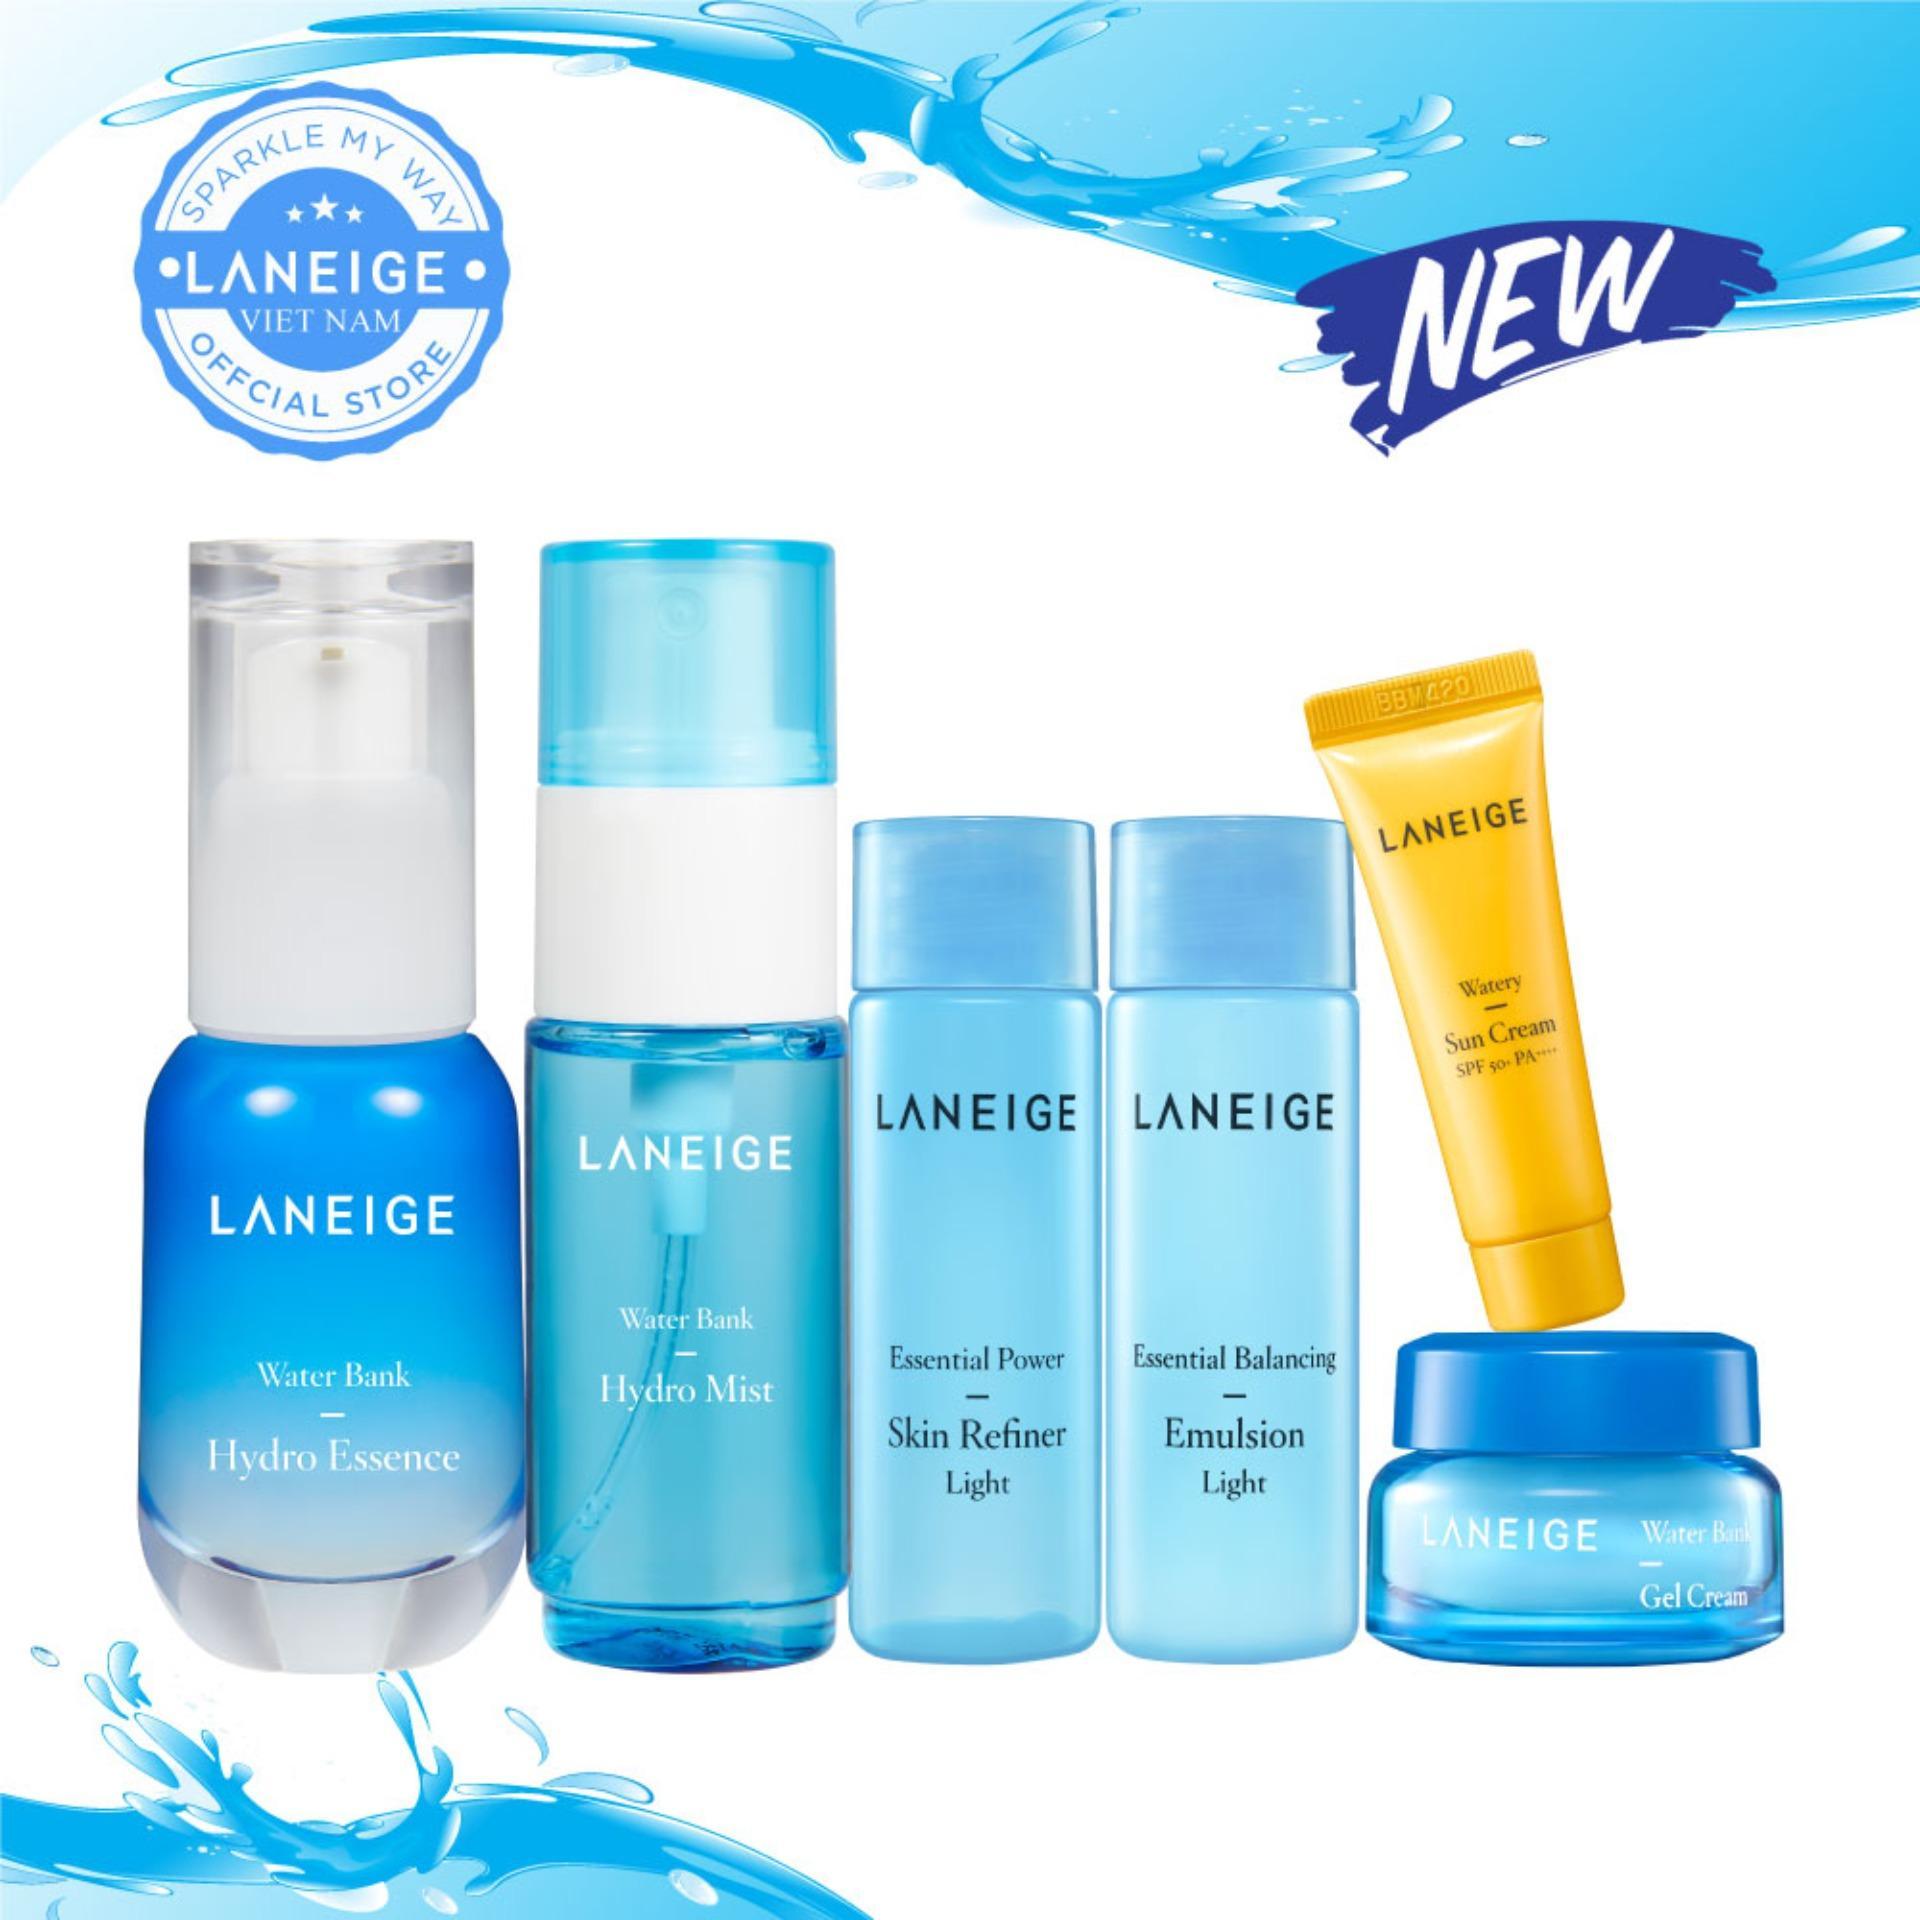 Bộ dưỡng ẩm toàn diện cho mọi loại da Laneige Water Bank Hydro Essence